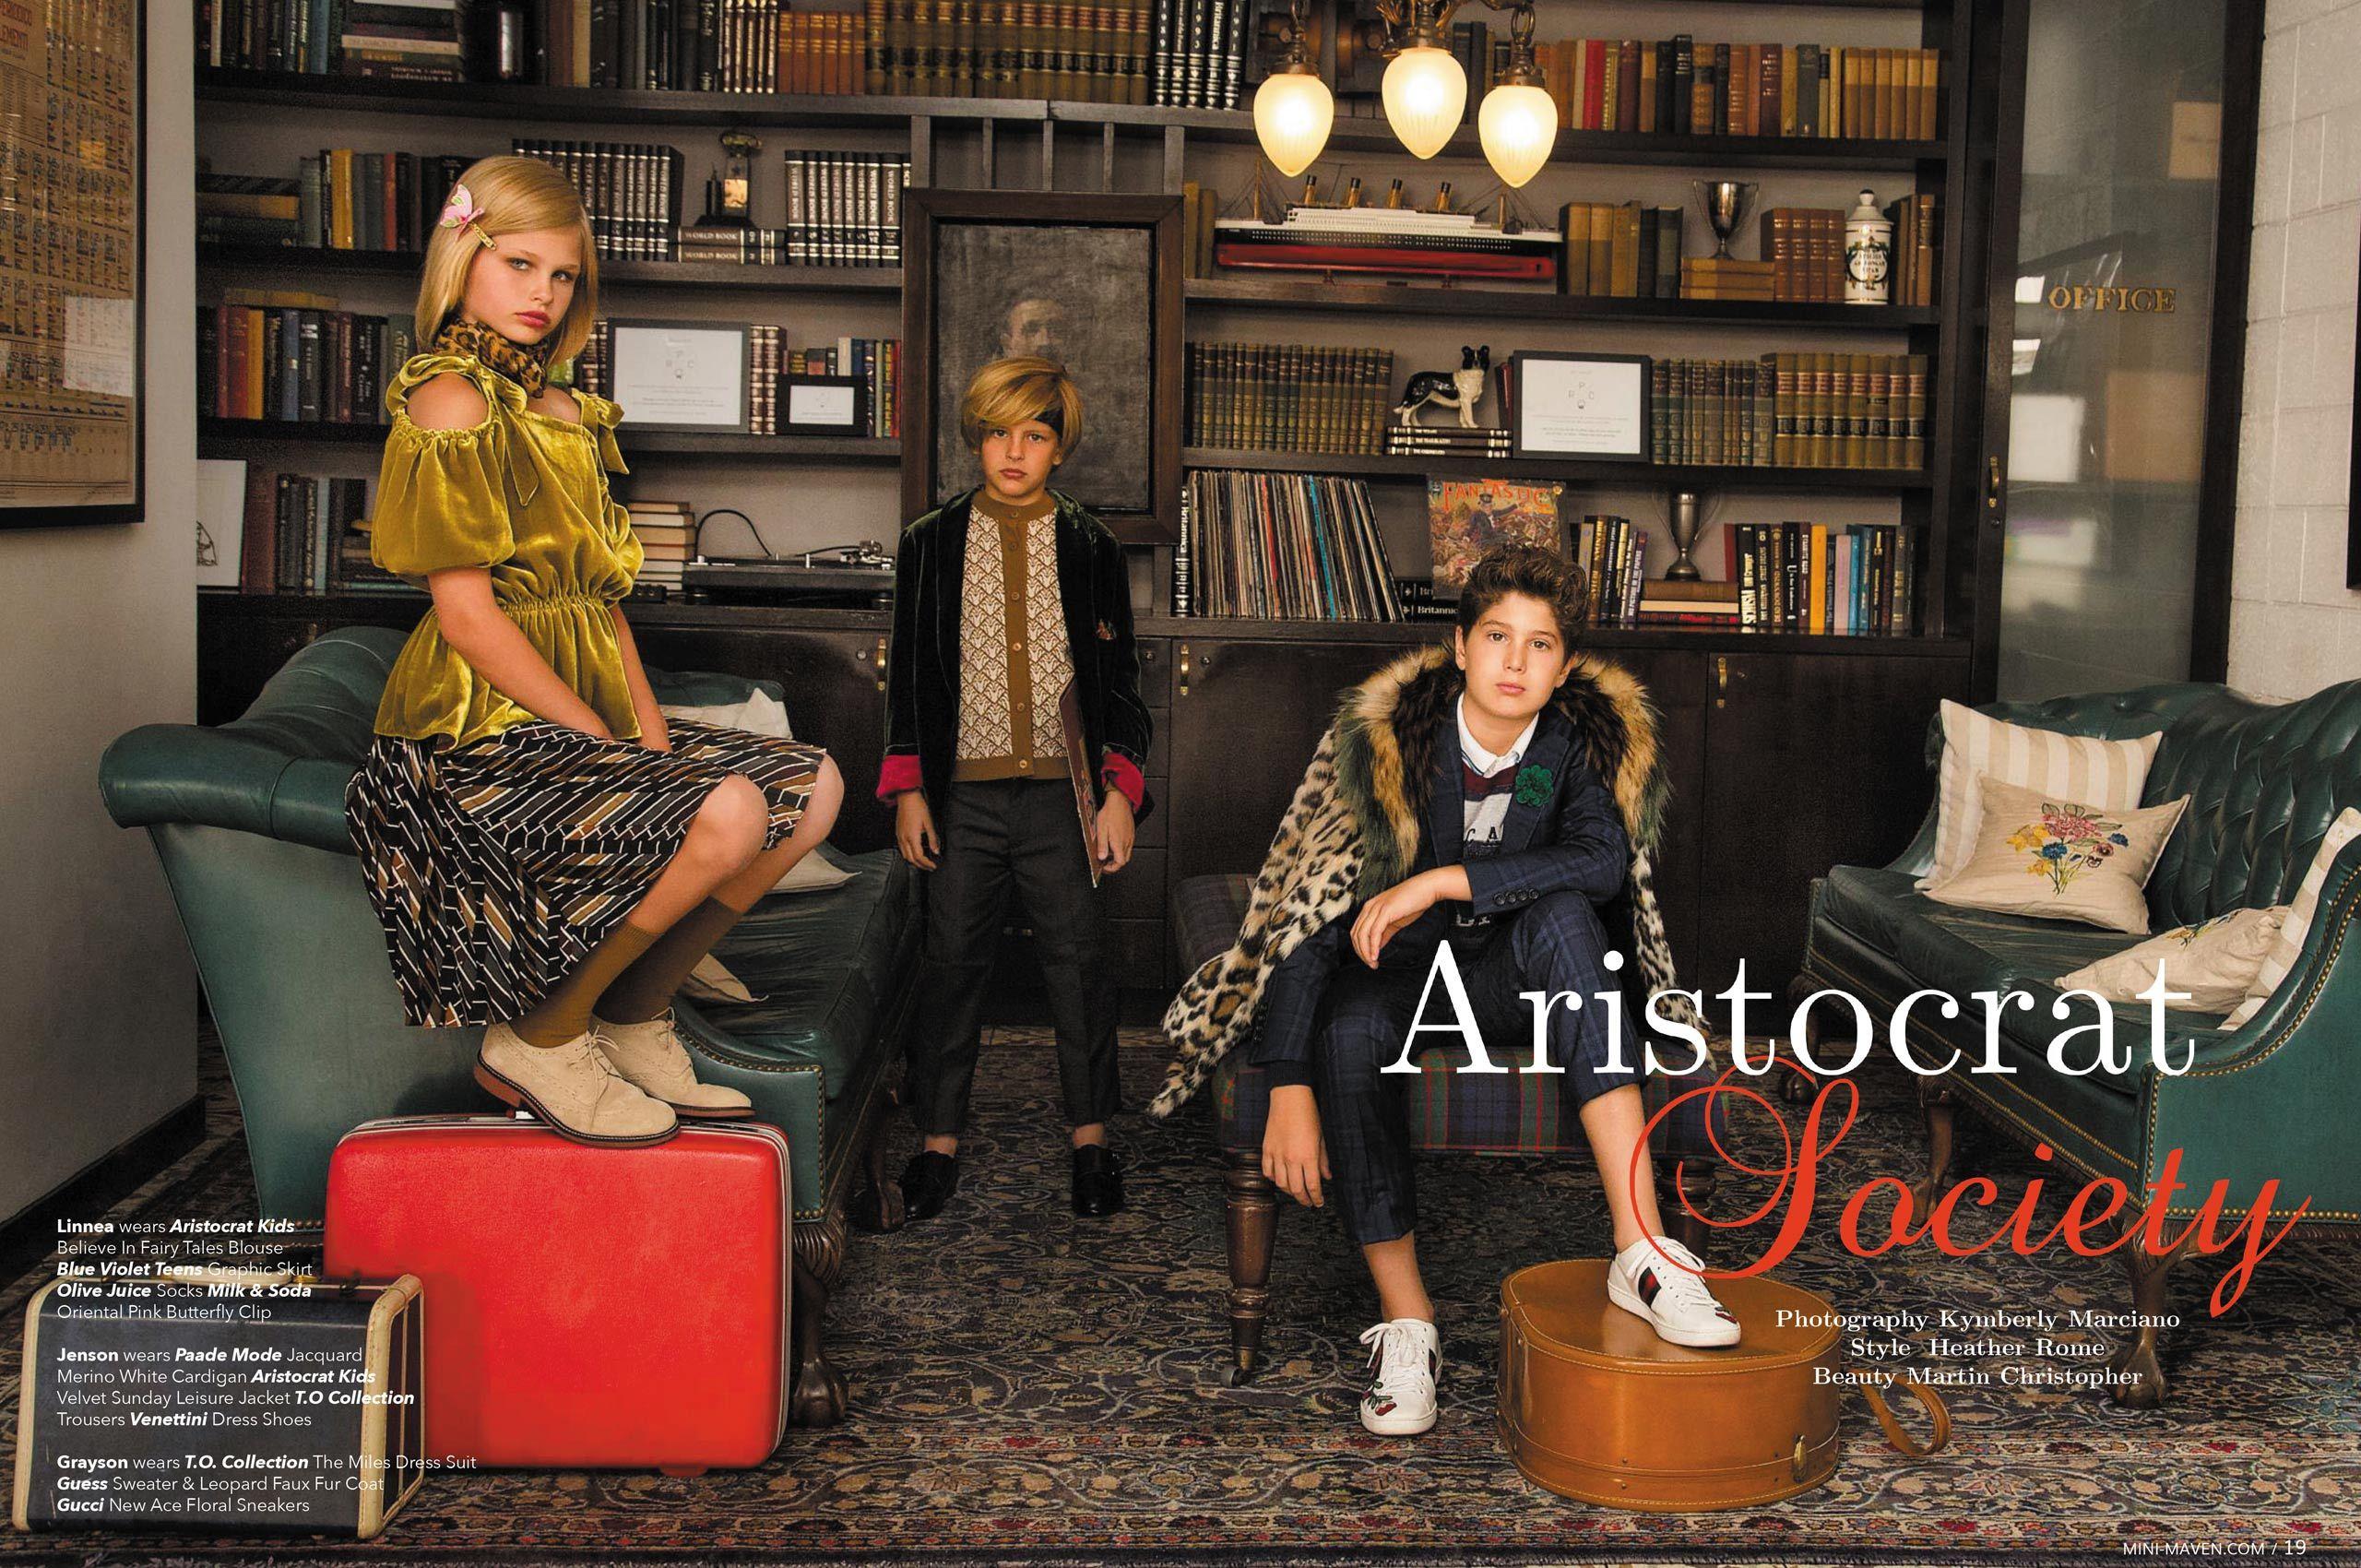 Aristocrat-Society-PG-1-2.jpg